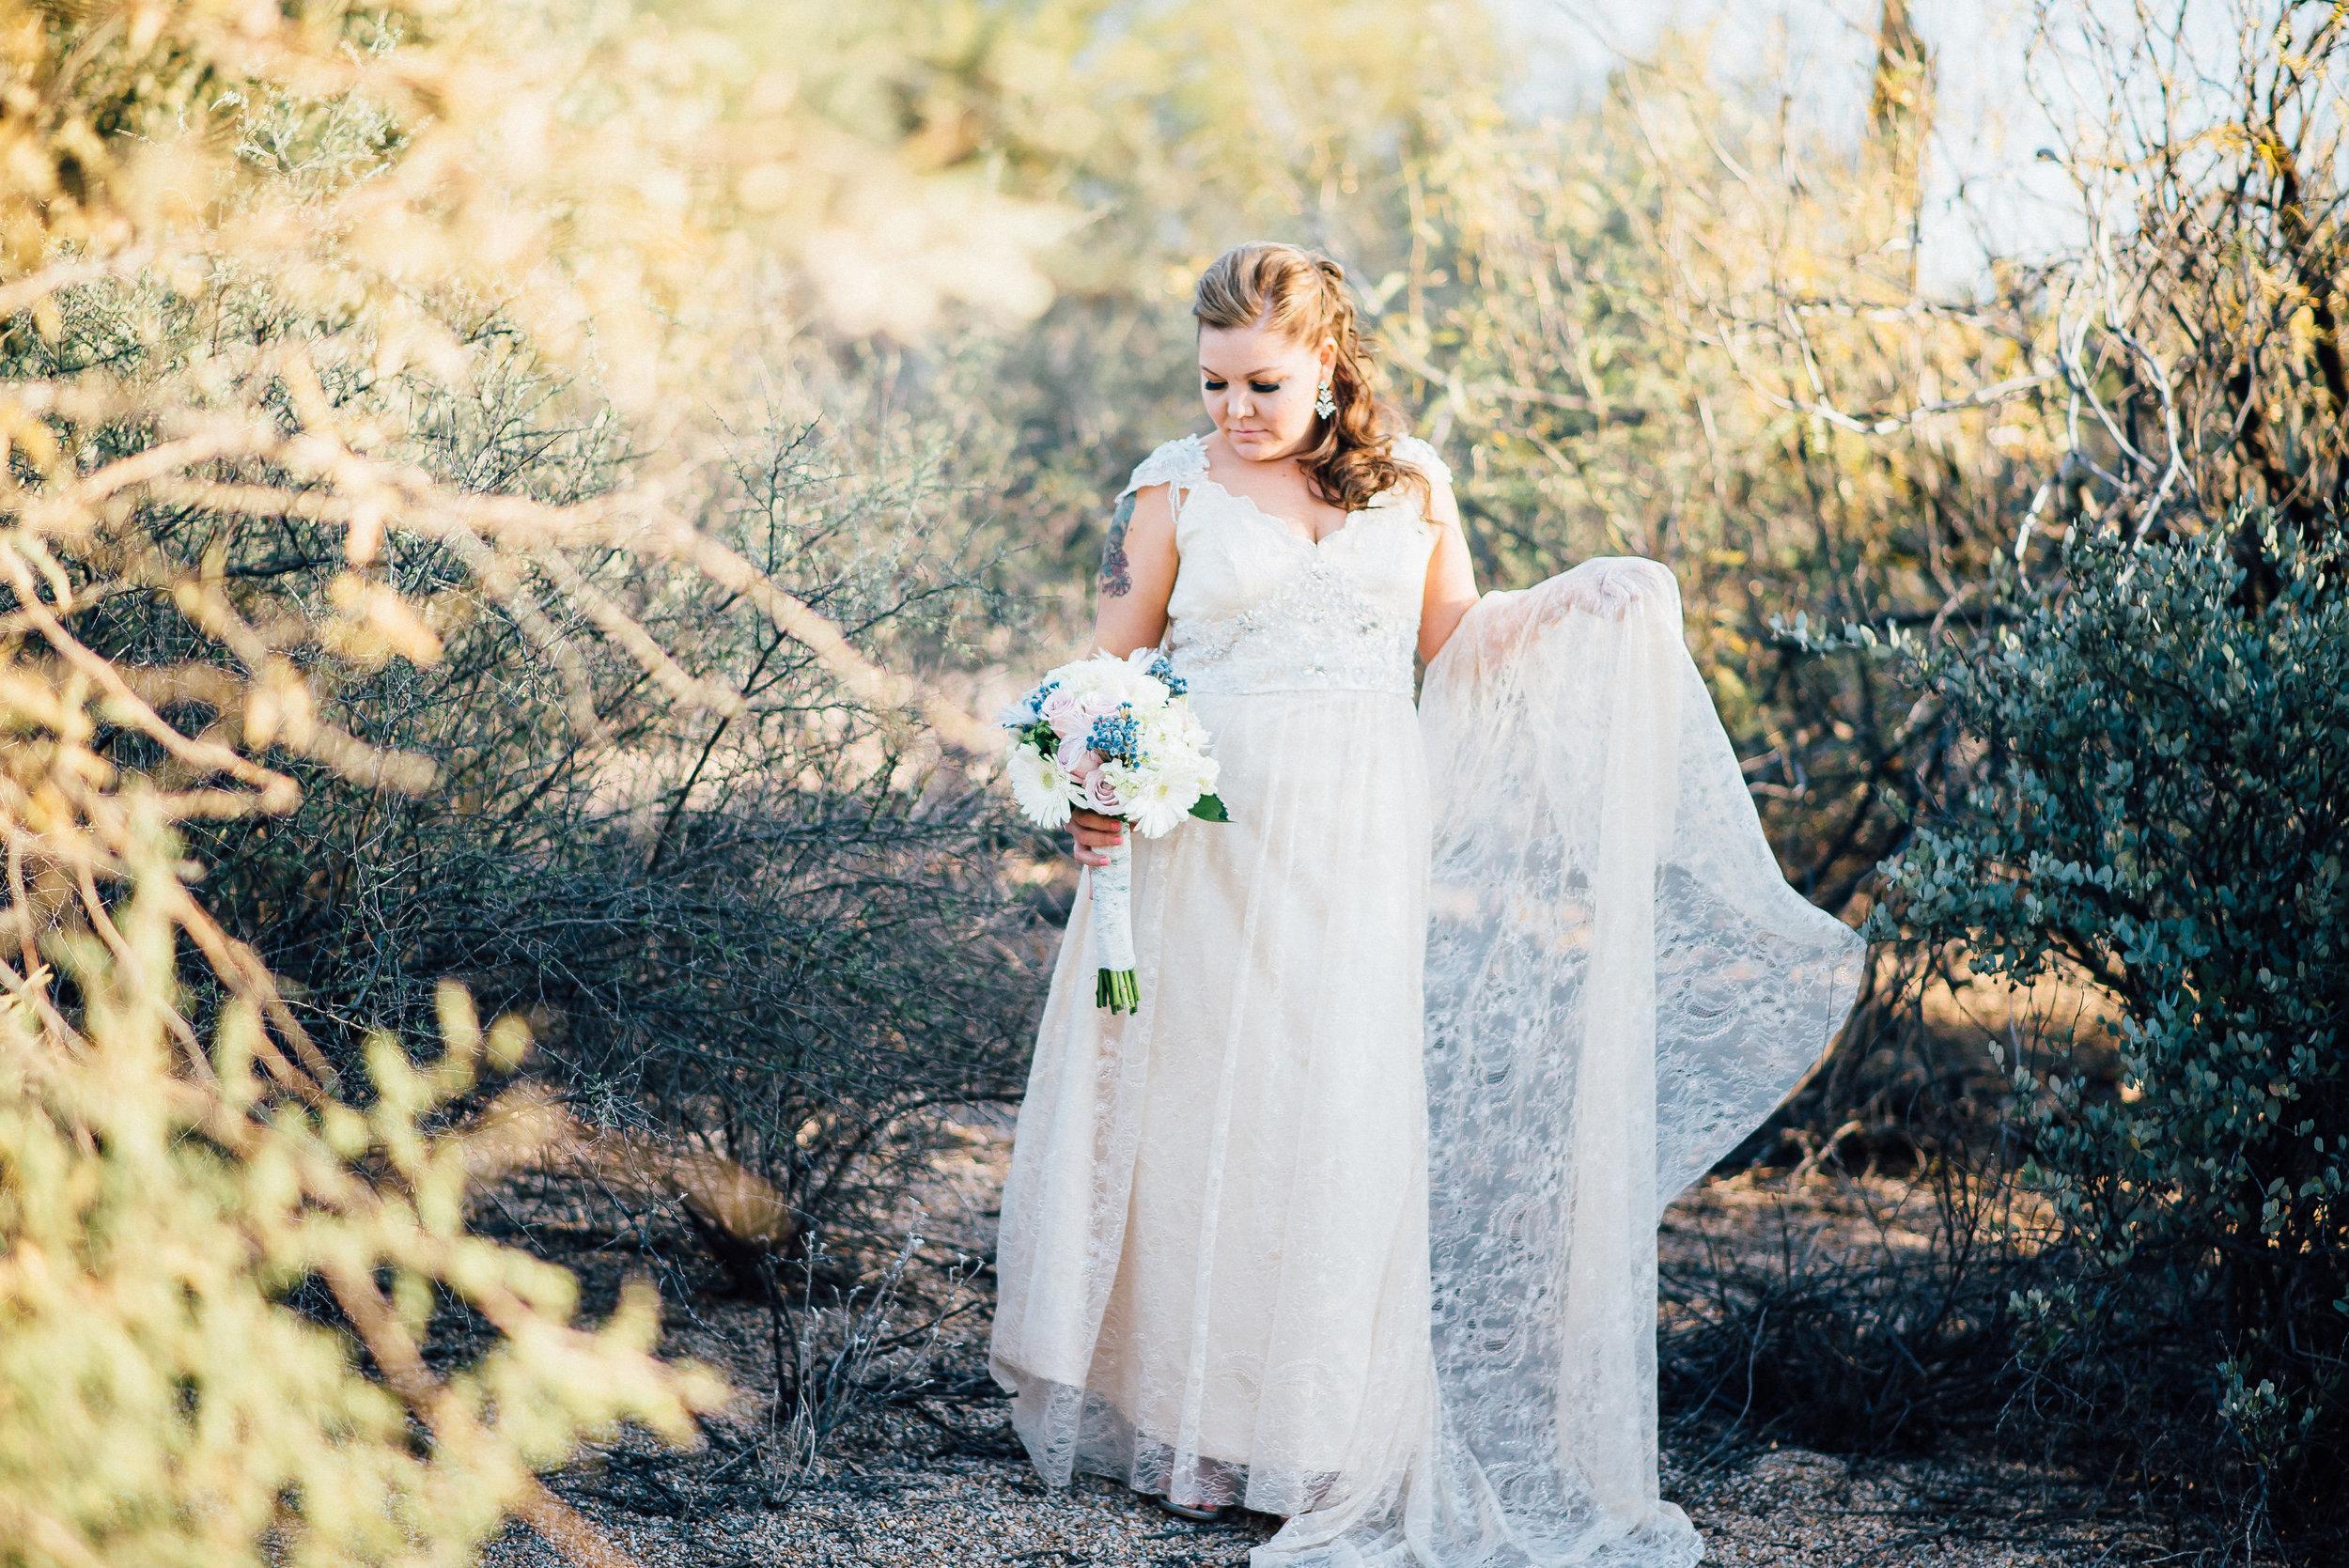 bridegroom-18-2.jpg